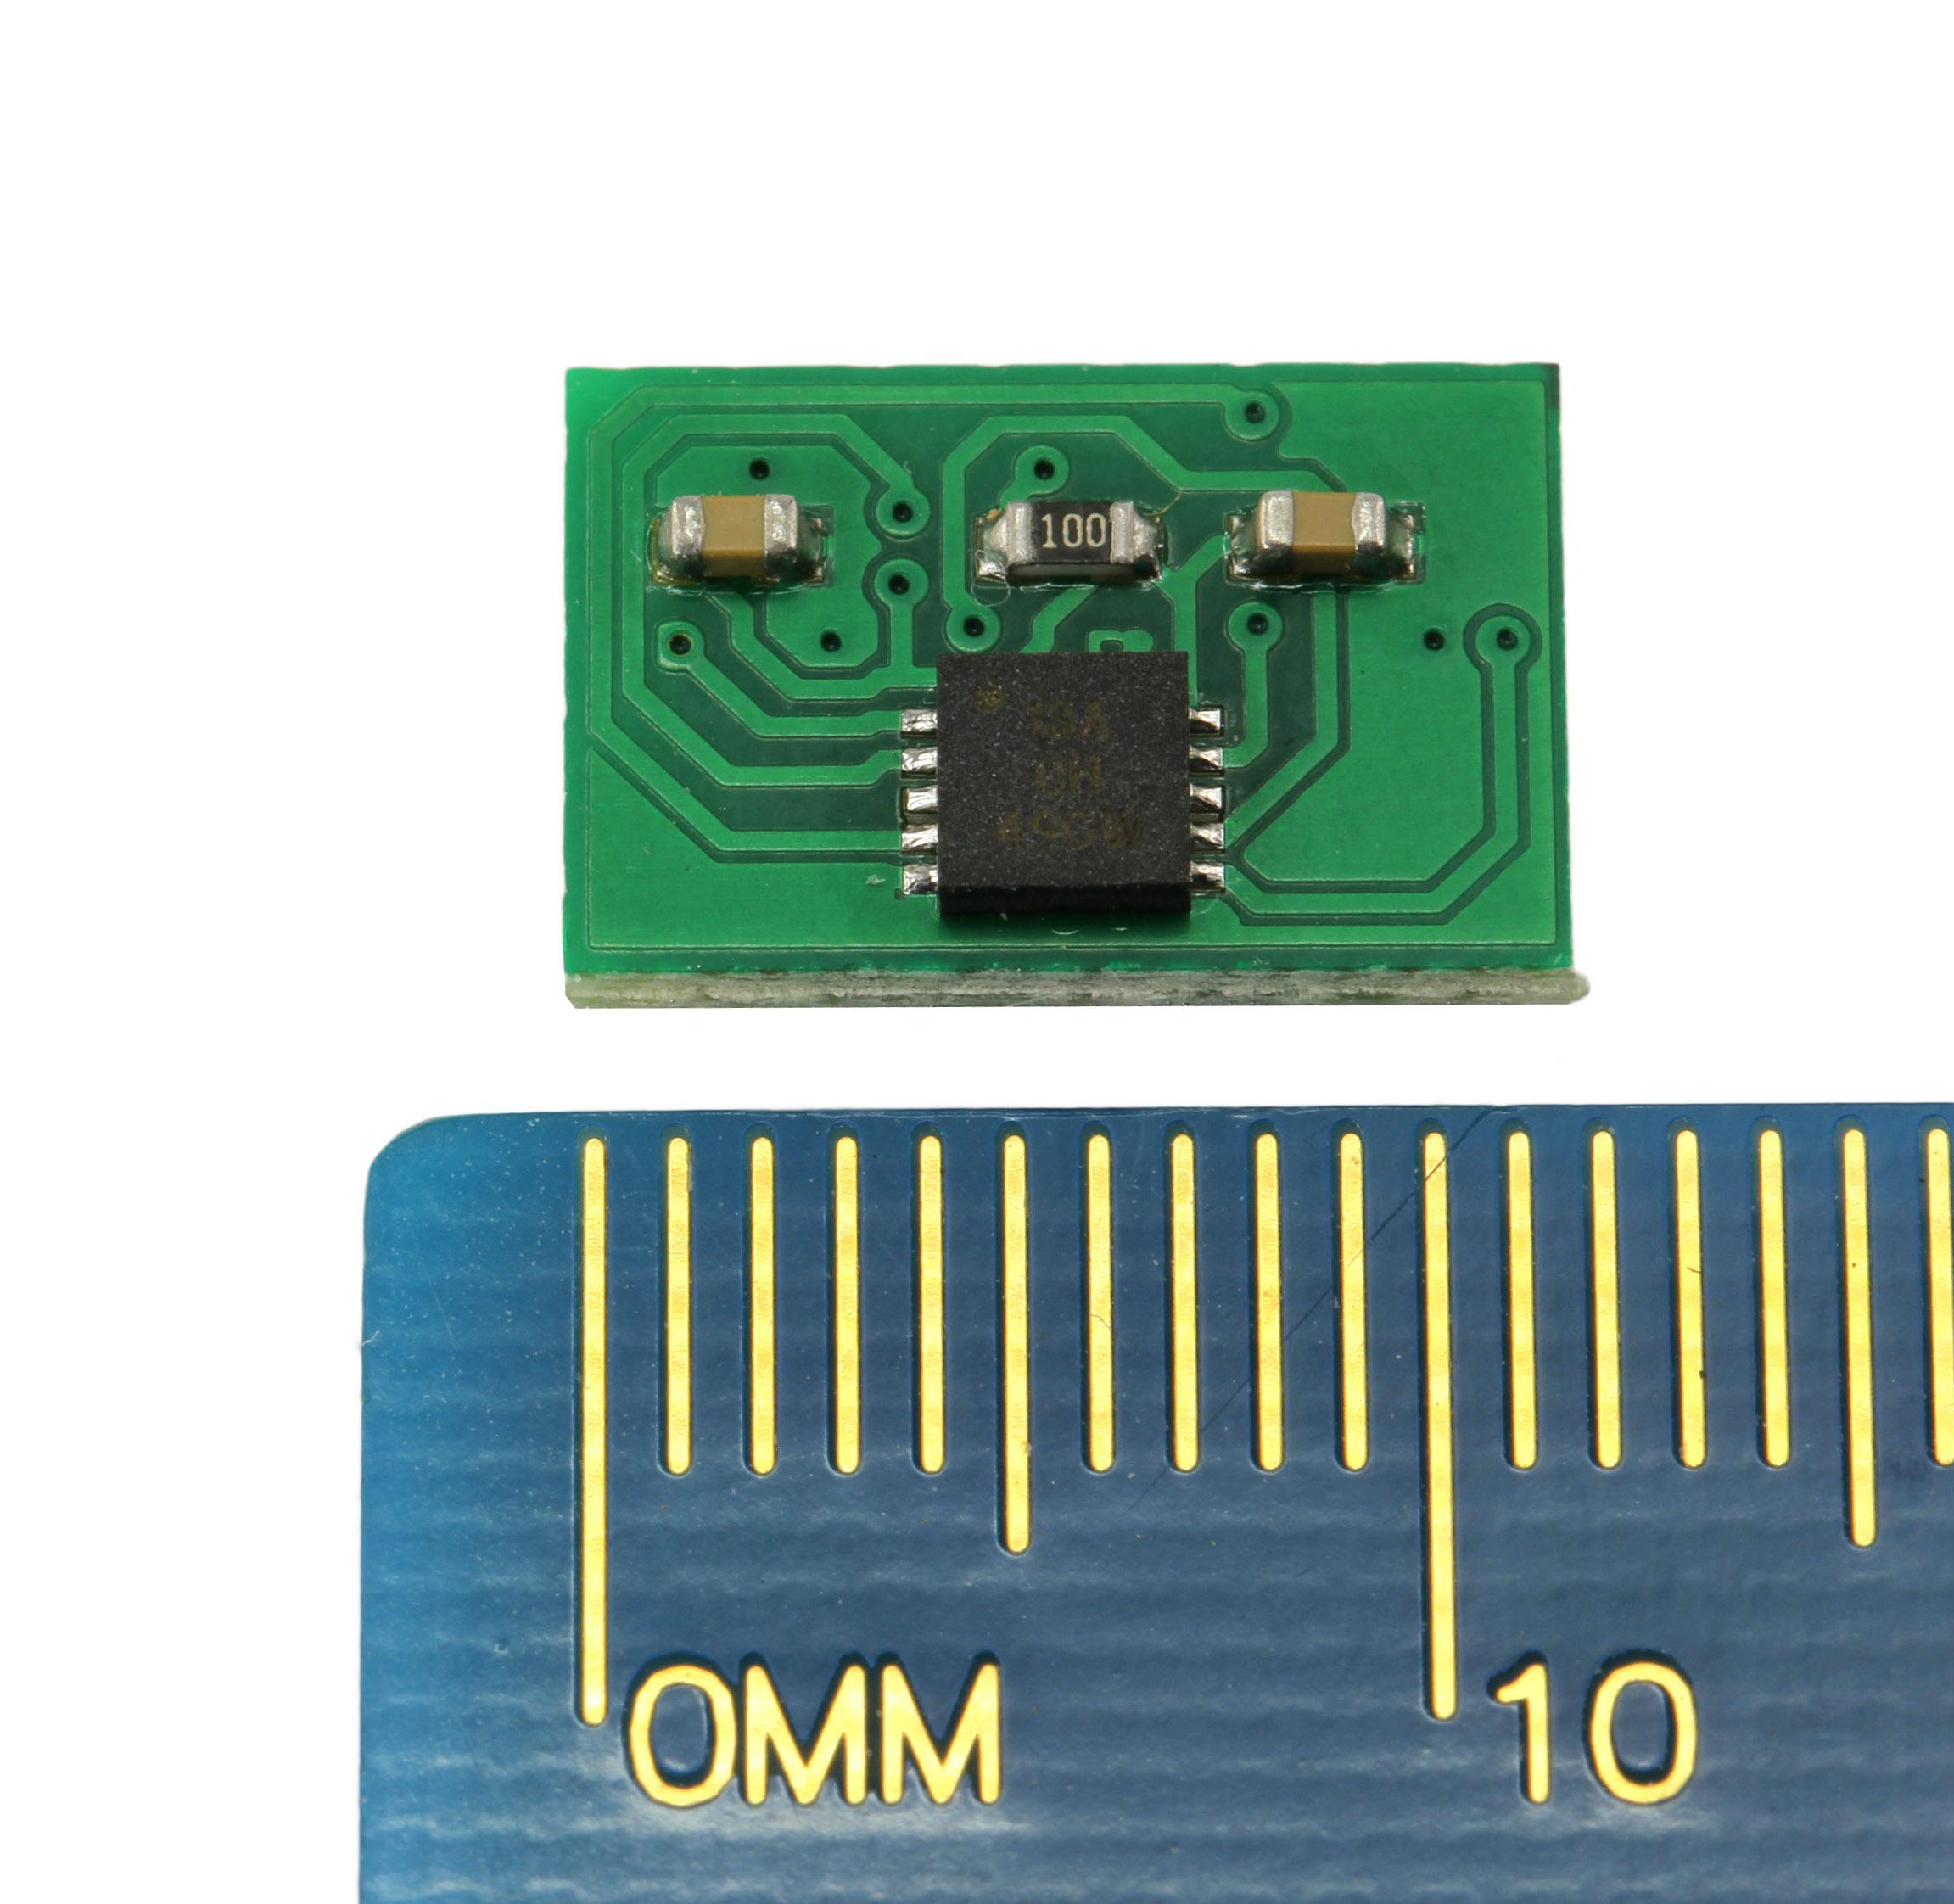 Lichtbaustein MicroALF, kleinste Abmessungen – komfortable Bedienung